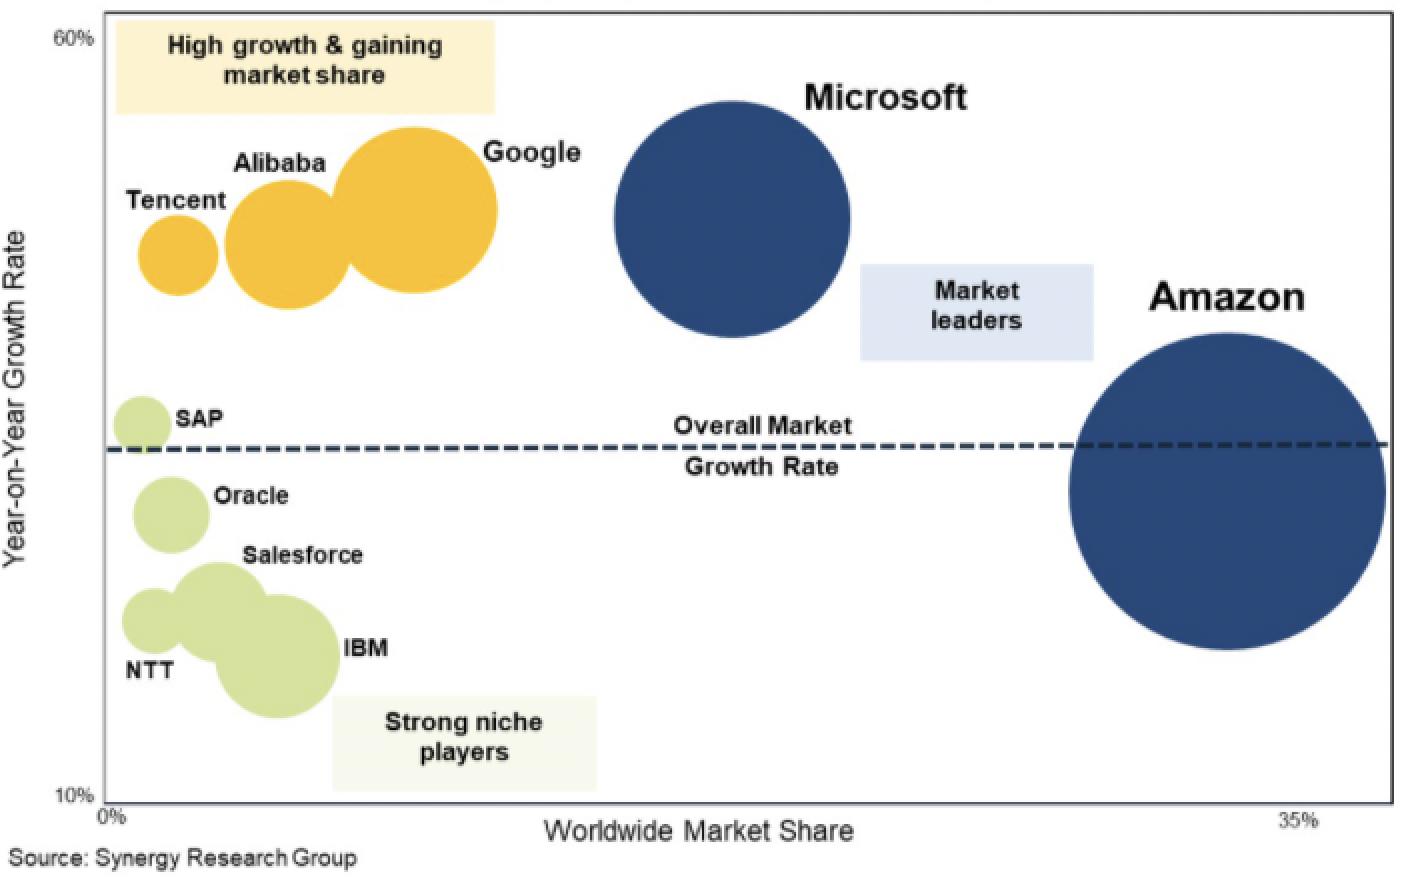 Graphique du positionnement des fournisseurs des services cloud (Tencent, Alibaba, Google, Microsoft, Amazon IBM).